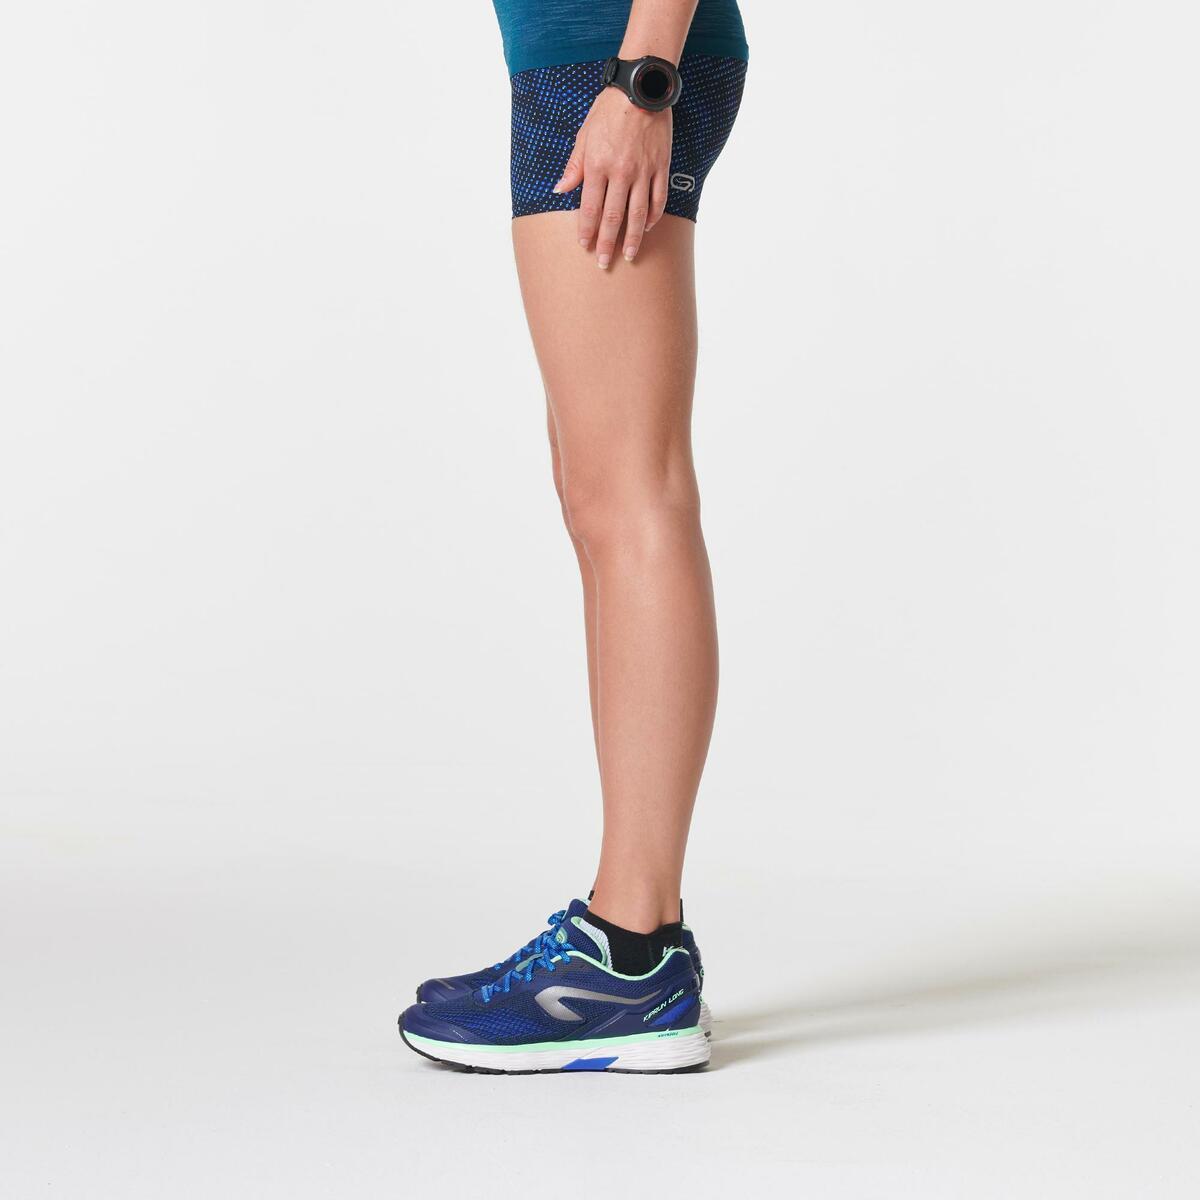 Bild 4 von Laufshorts Kiprun Damen Aufdruck/blau